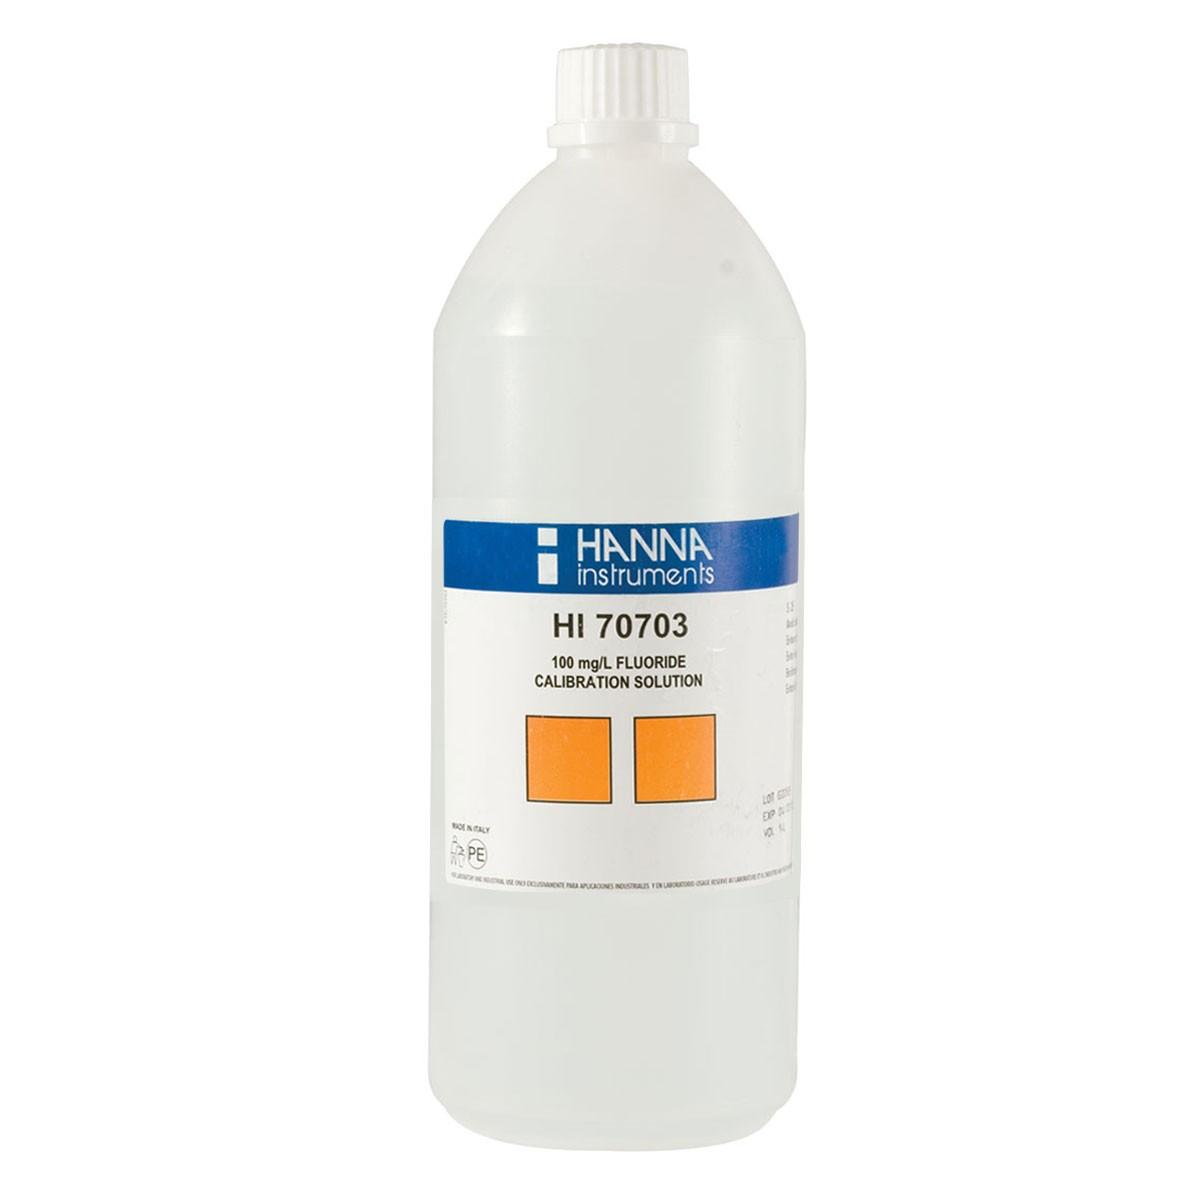 Soluzione standard fluoruri 100 mg/L (500 mL) - HI70703L